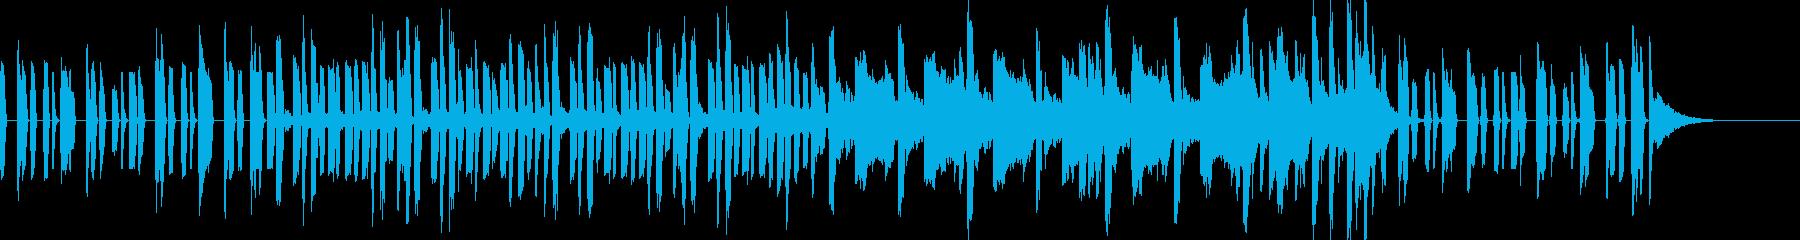 ベースとドラムが印象的なEDMジングルの再生済みの波形